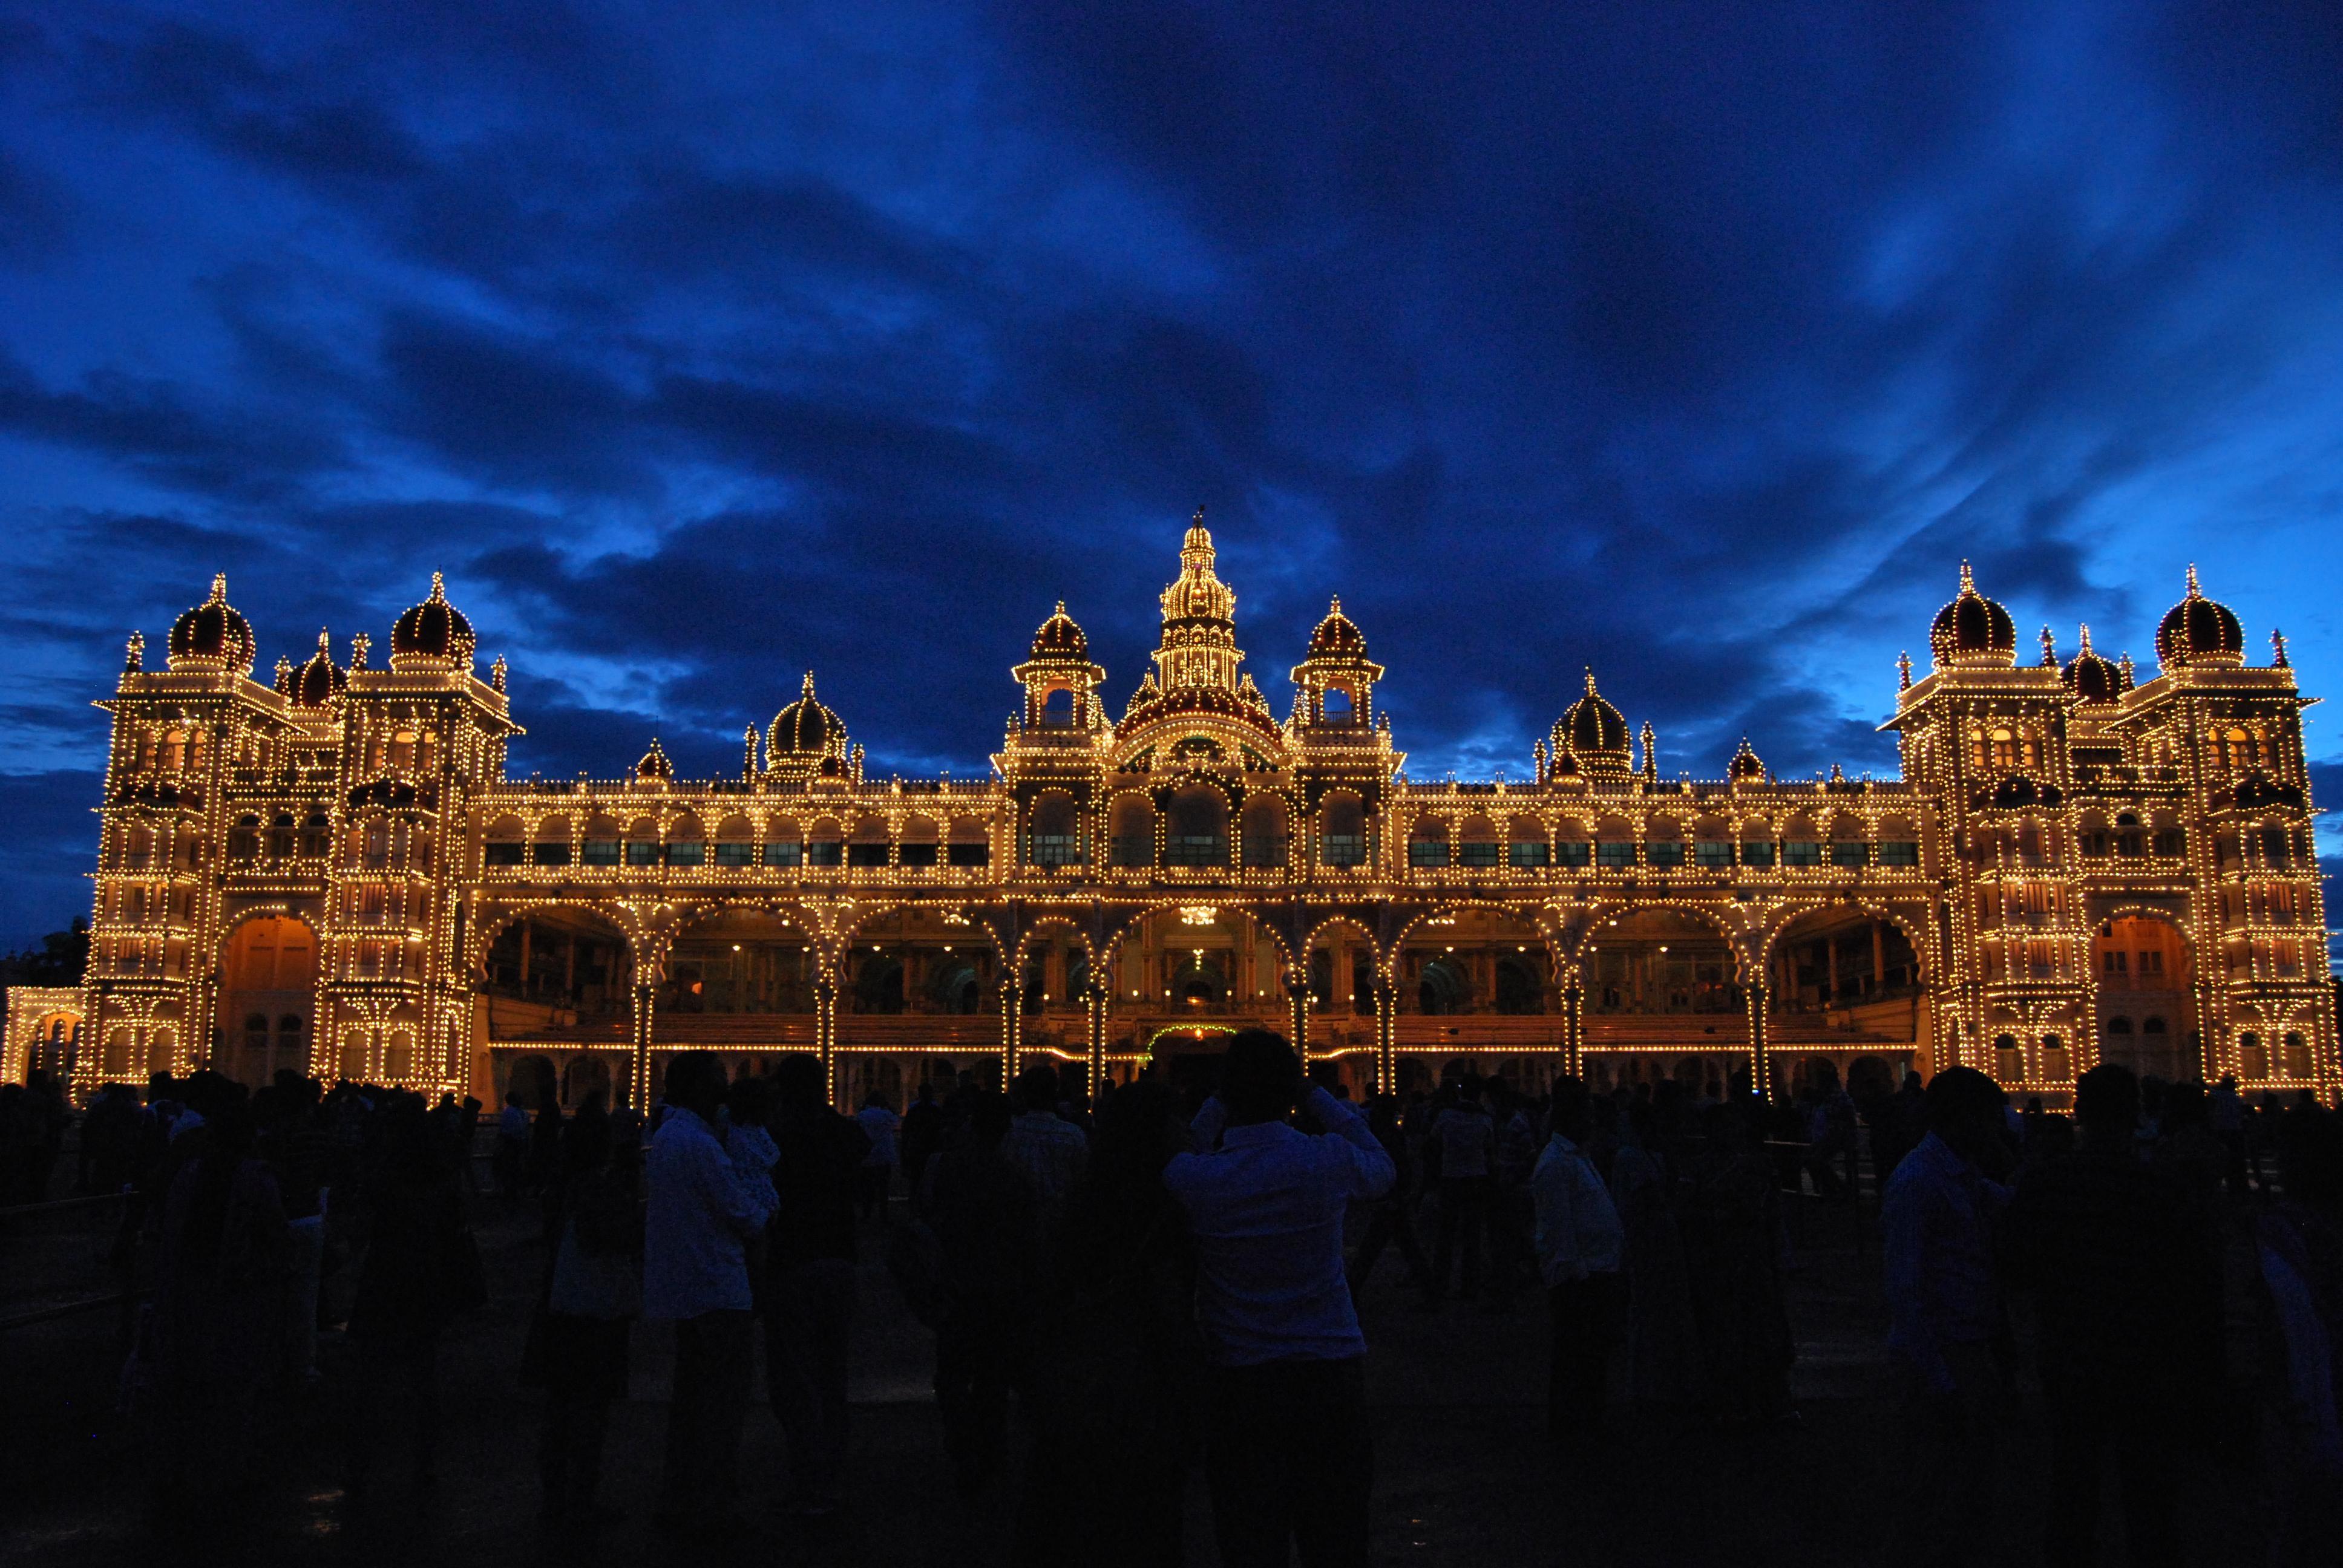 Mysore Palace,Karnataka State,India 4k Ultra HD Wallpaper